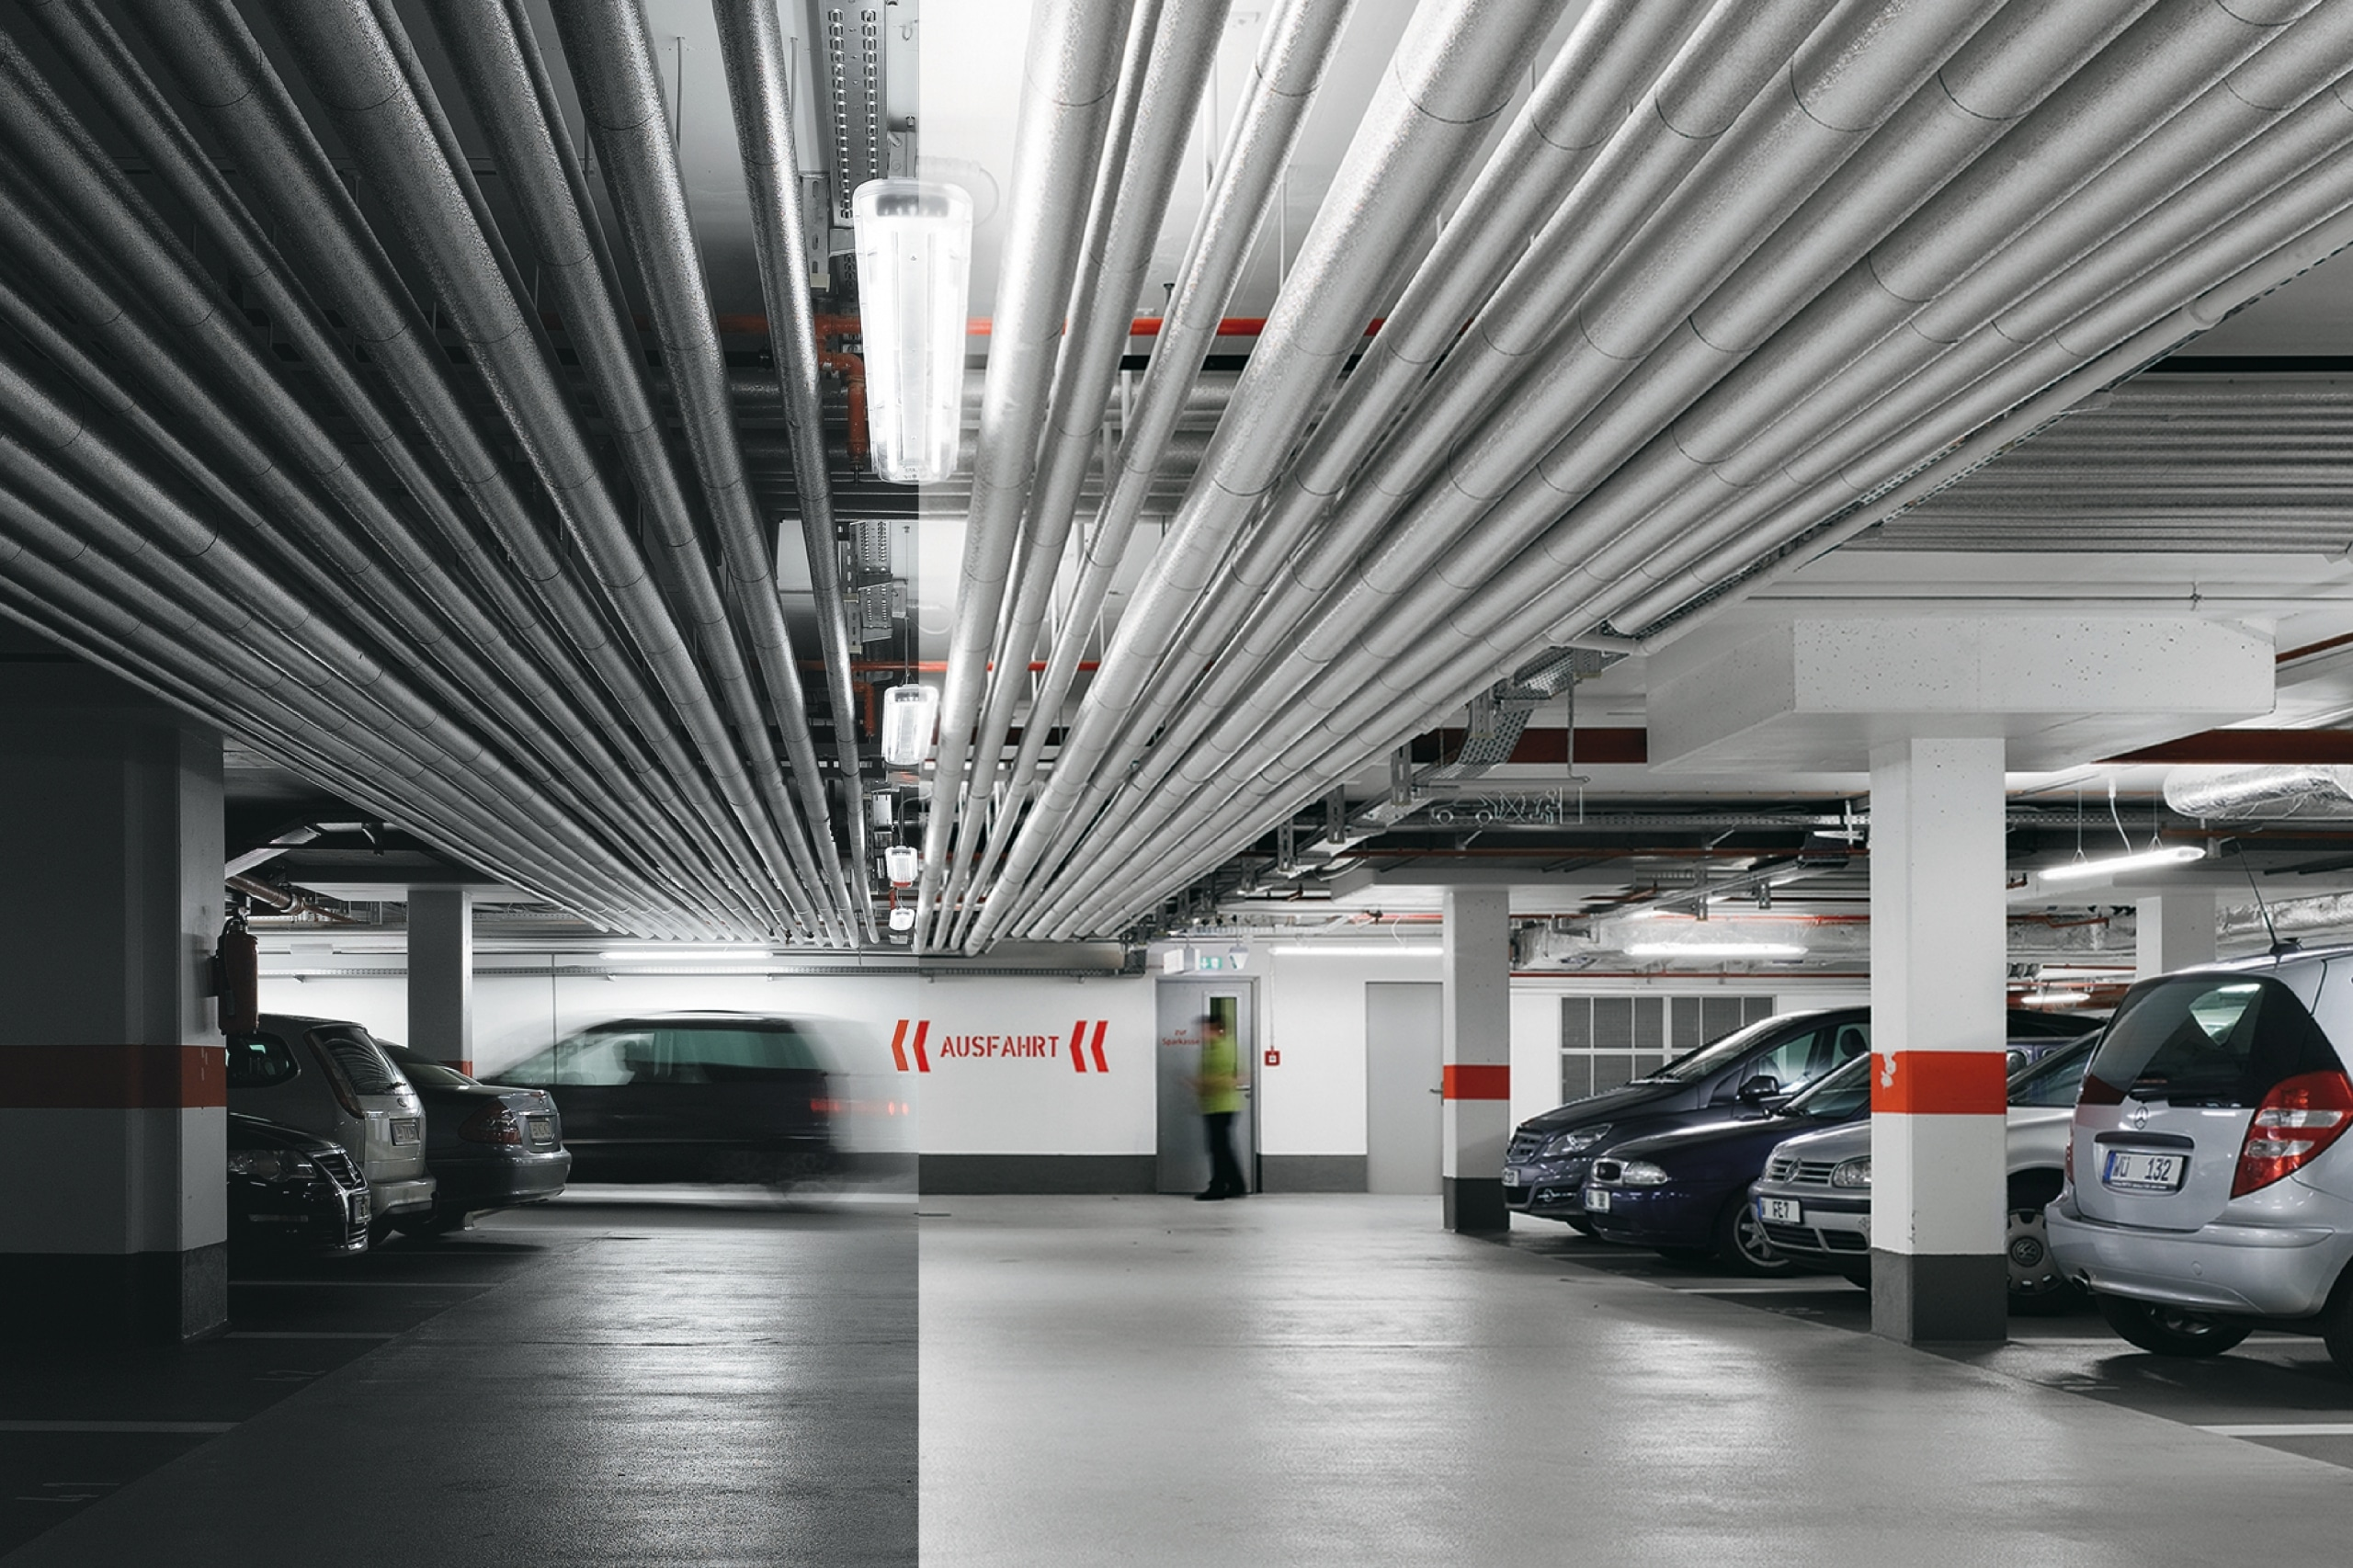 Lichtsteuerung - Projektorientierte Planung und Umsetzung mit DALI